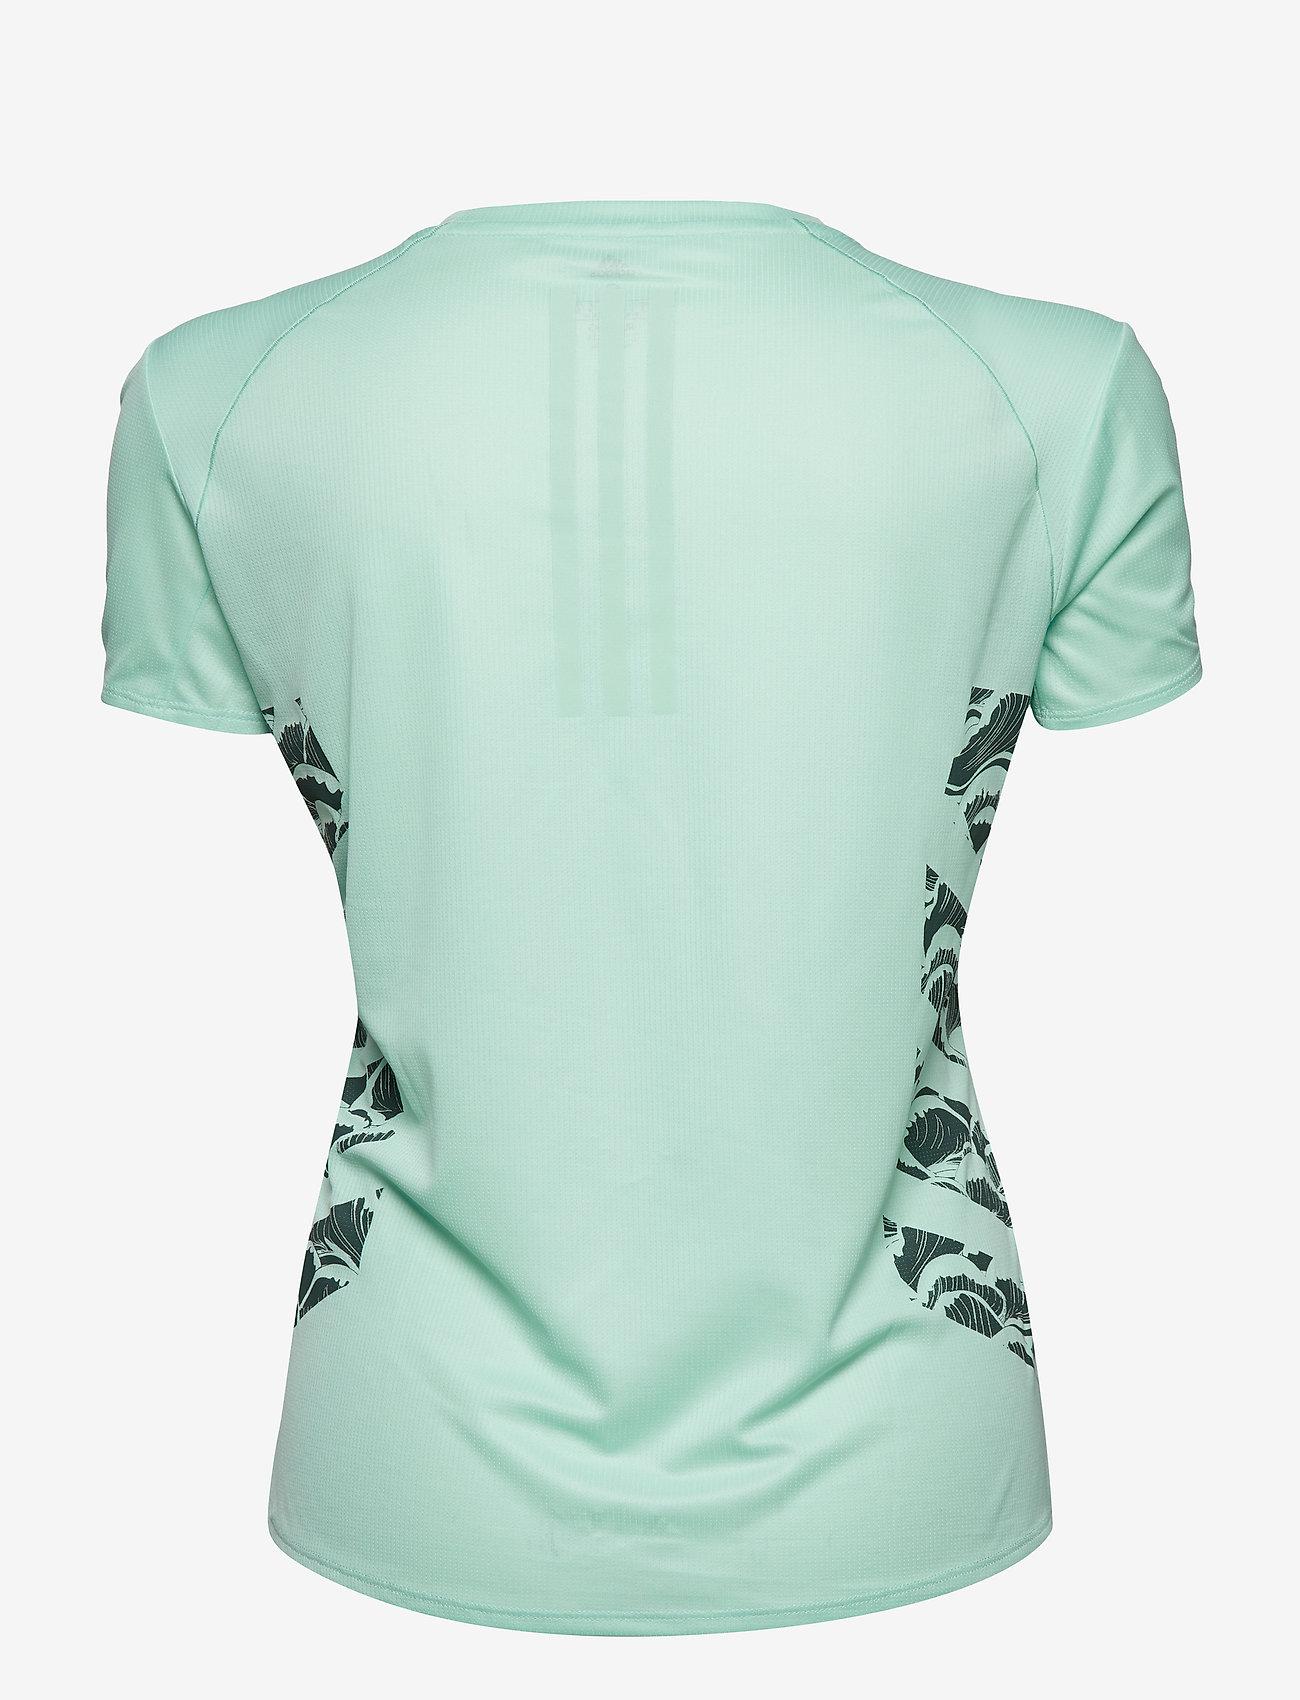 adidas Performance CRU TEE PARLEY - T-shirty i zopy CLEMIN - Kobiety Odzież.